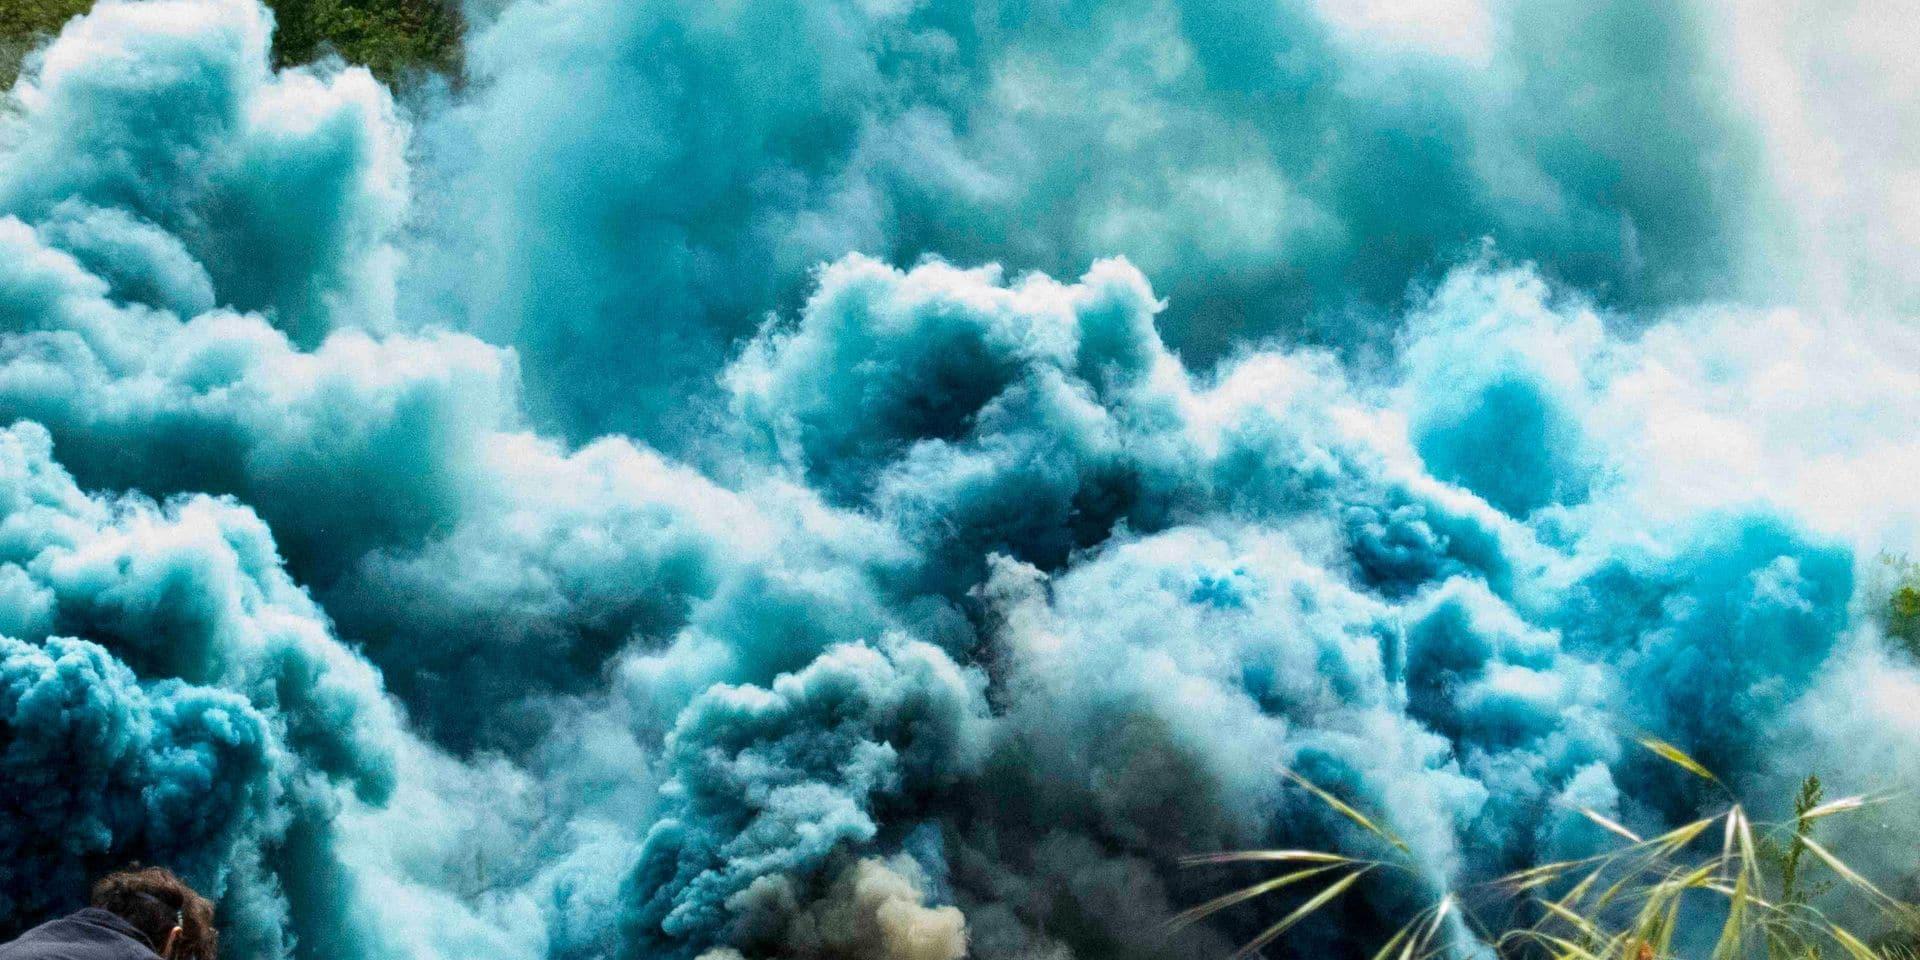 Hicham Berrada , Celeste, 2014 Color photograph 40 x 50 cm Grey sky, sky blue smoke